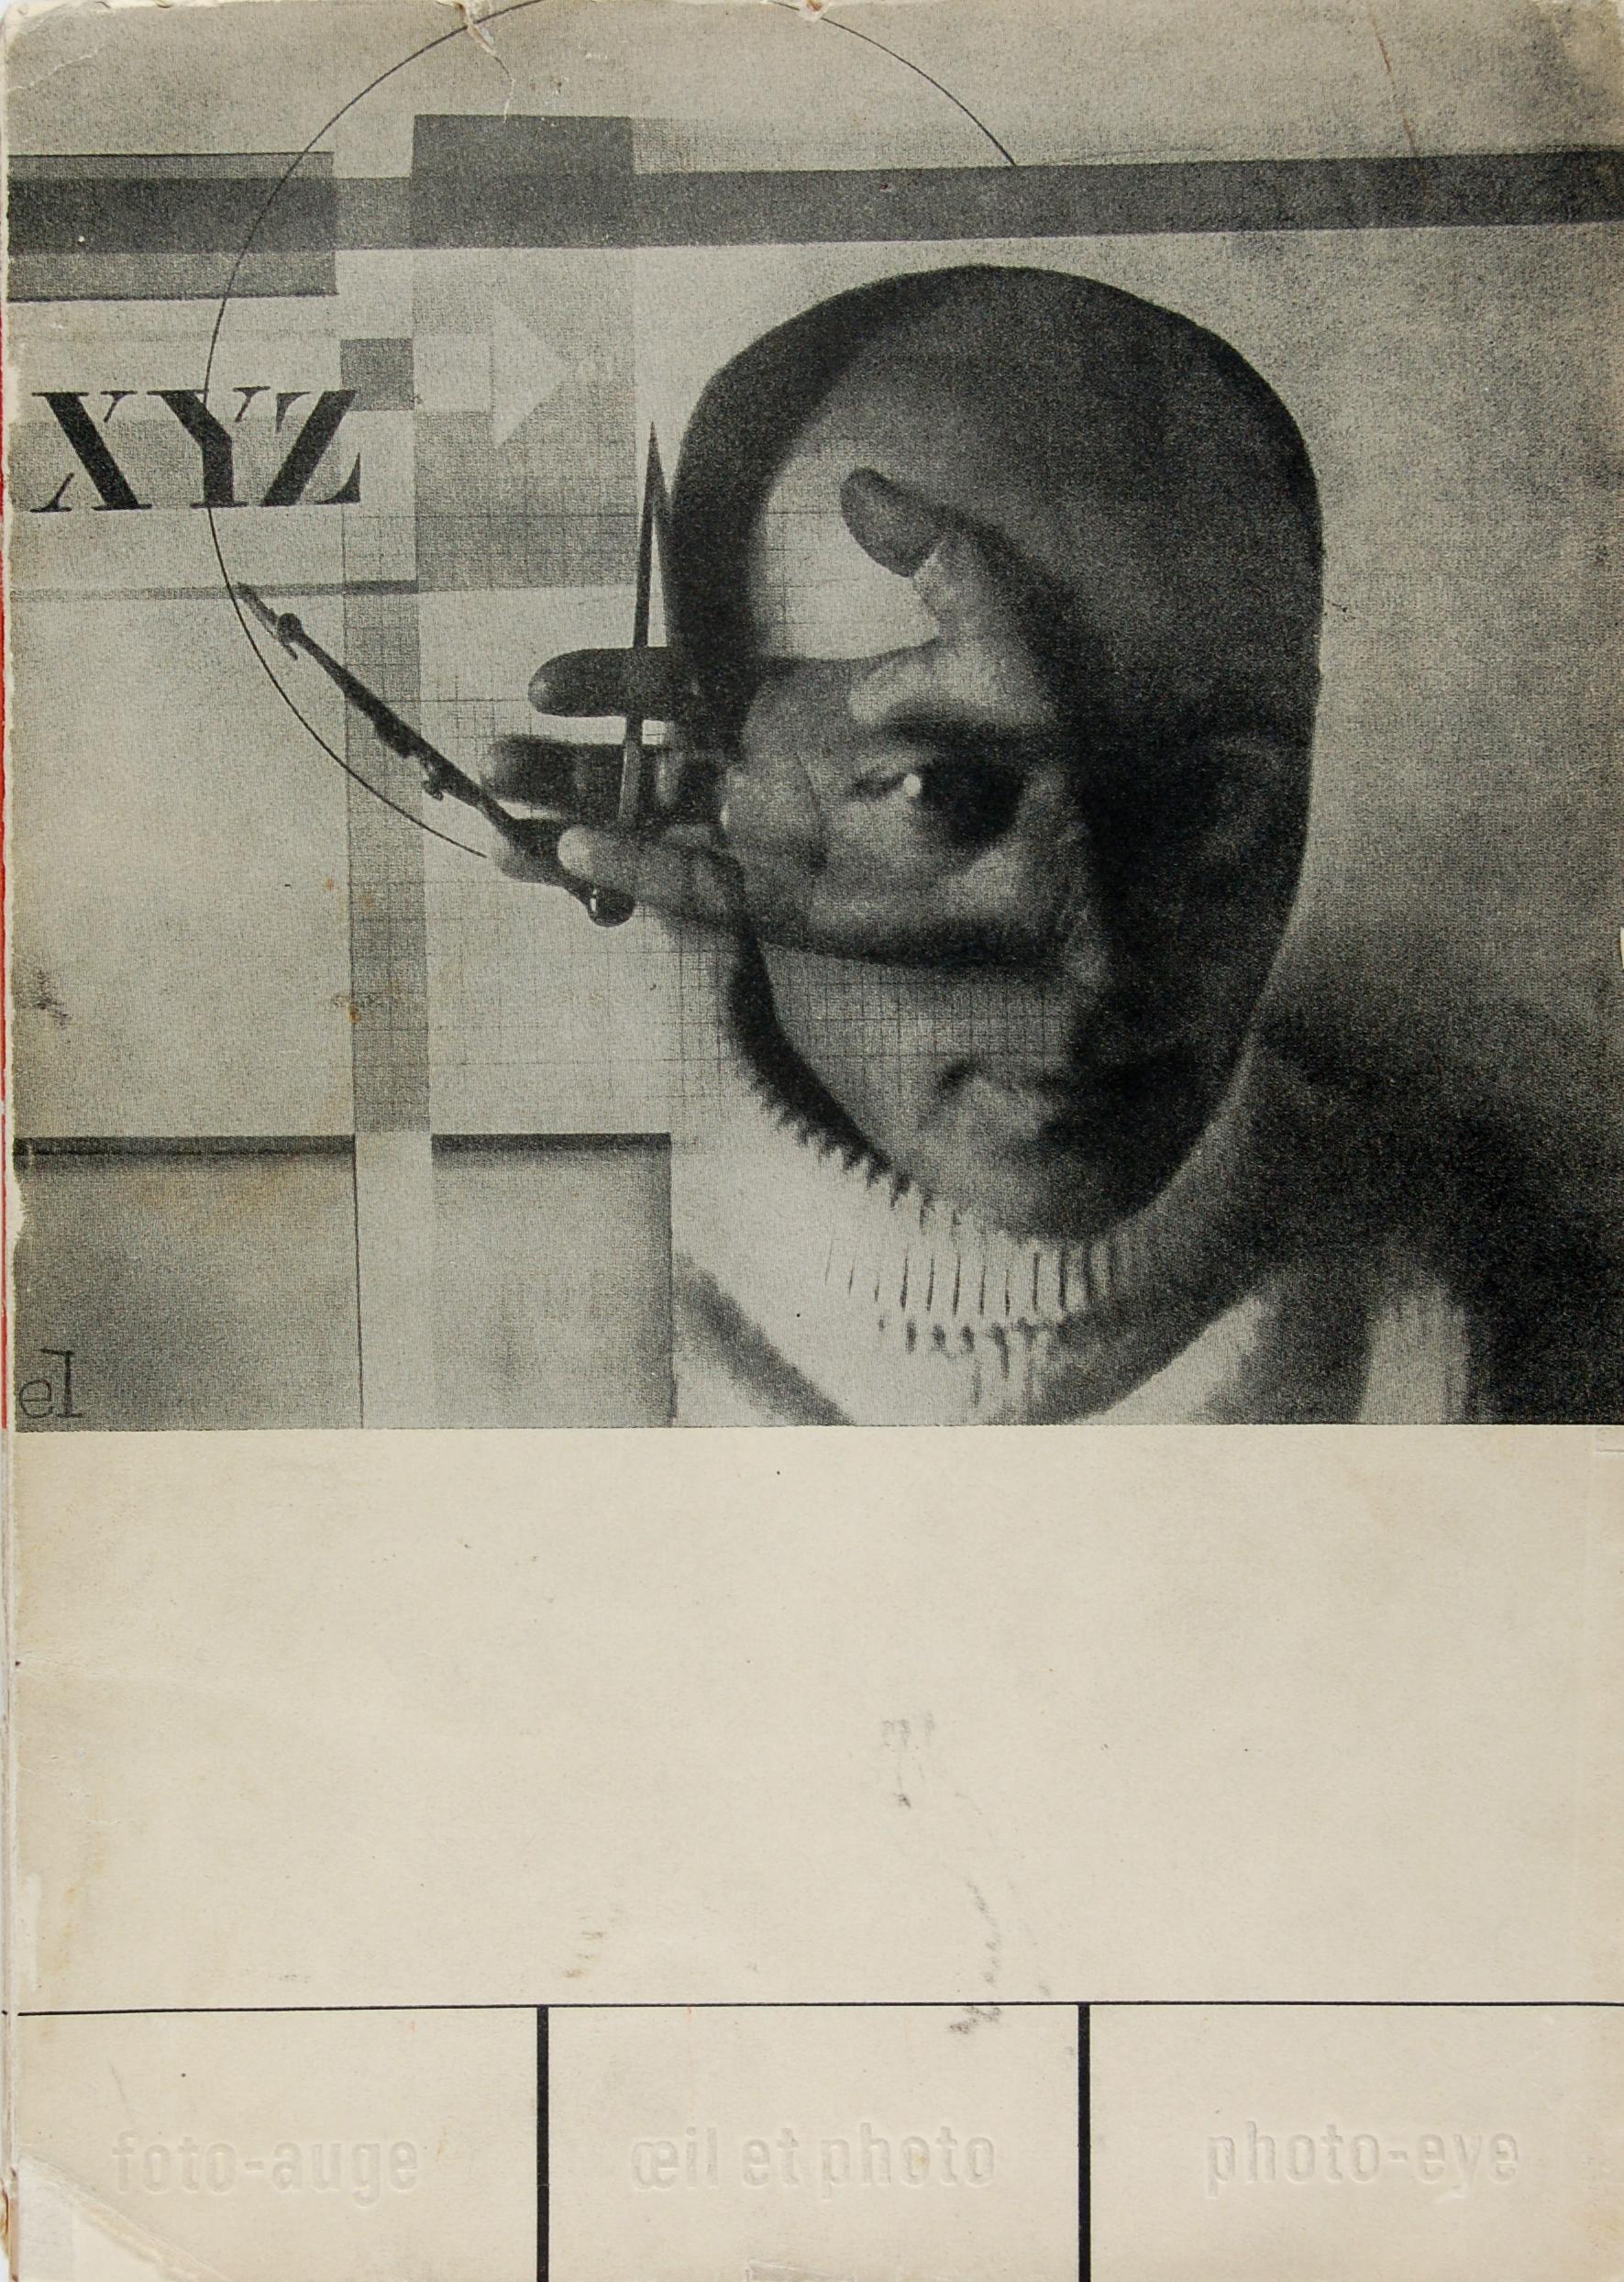 04. L'École du Bauhaus et la photographie dans les années 1920